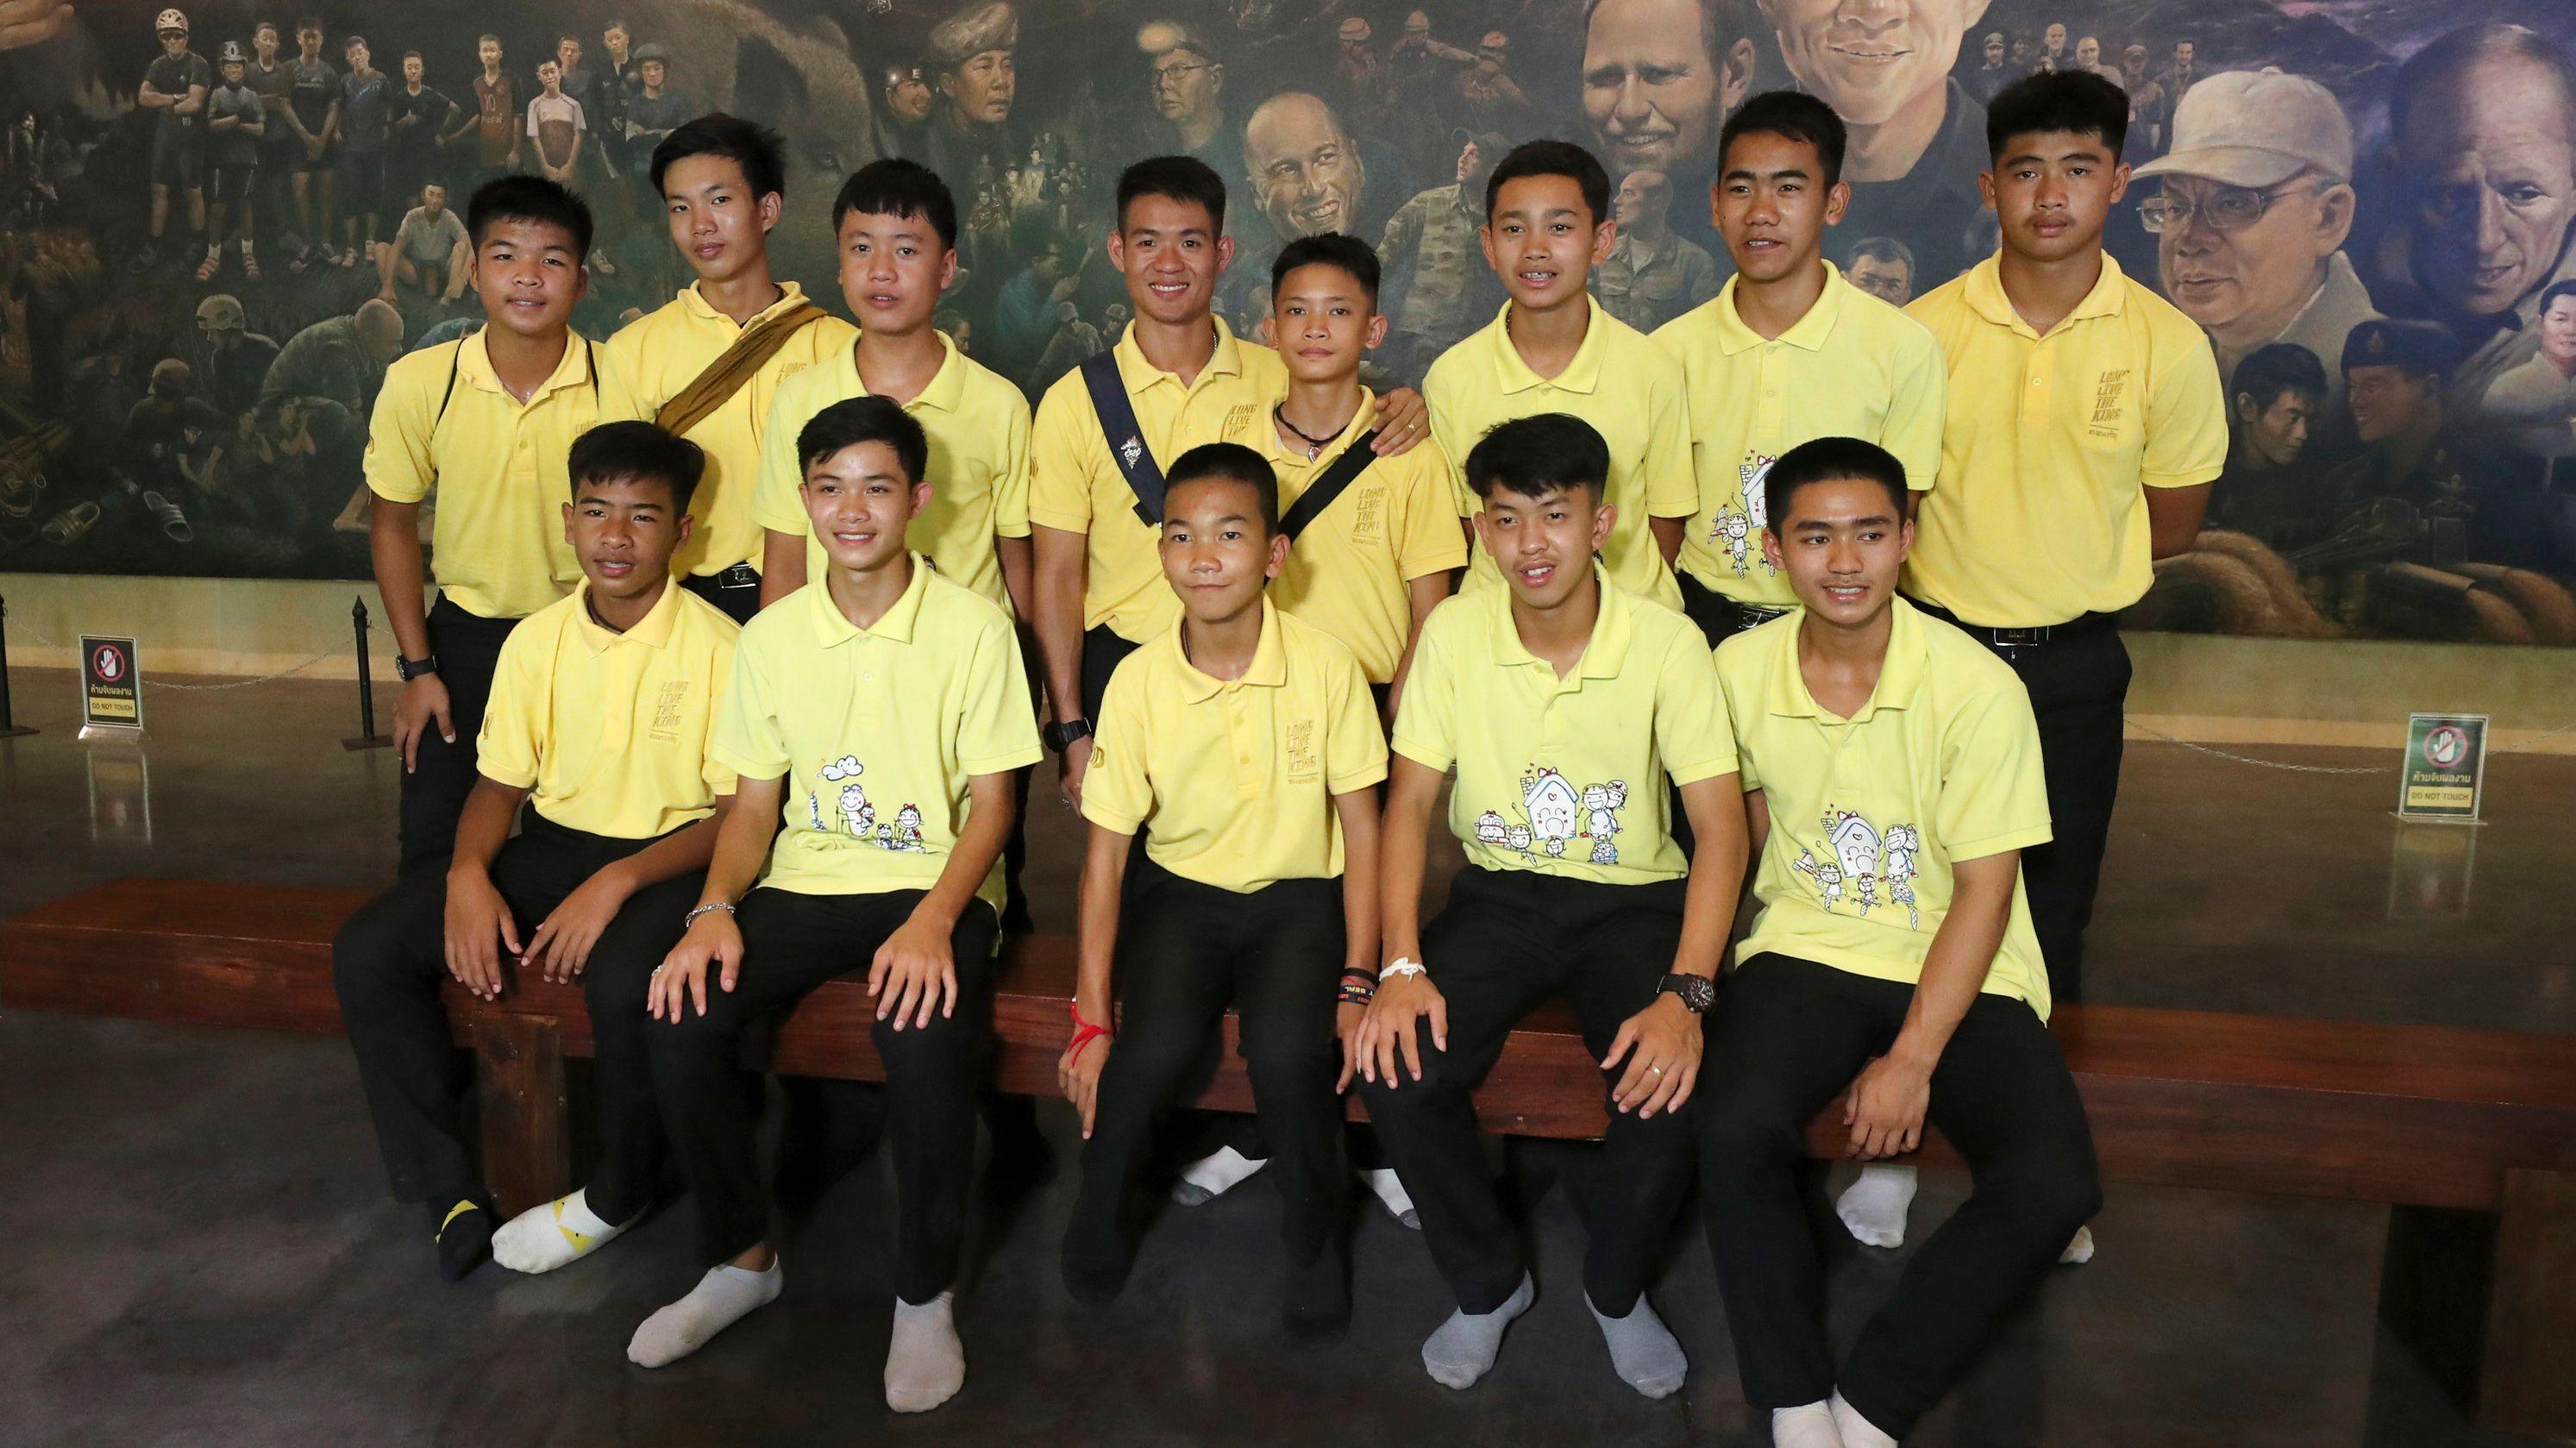 Die zwölf Jungs der thailändischen Fußballmannschaft  und ihr Fußballtrainer, die zusammen vor einem Jahr aus einer Höhle gerettet wurden.